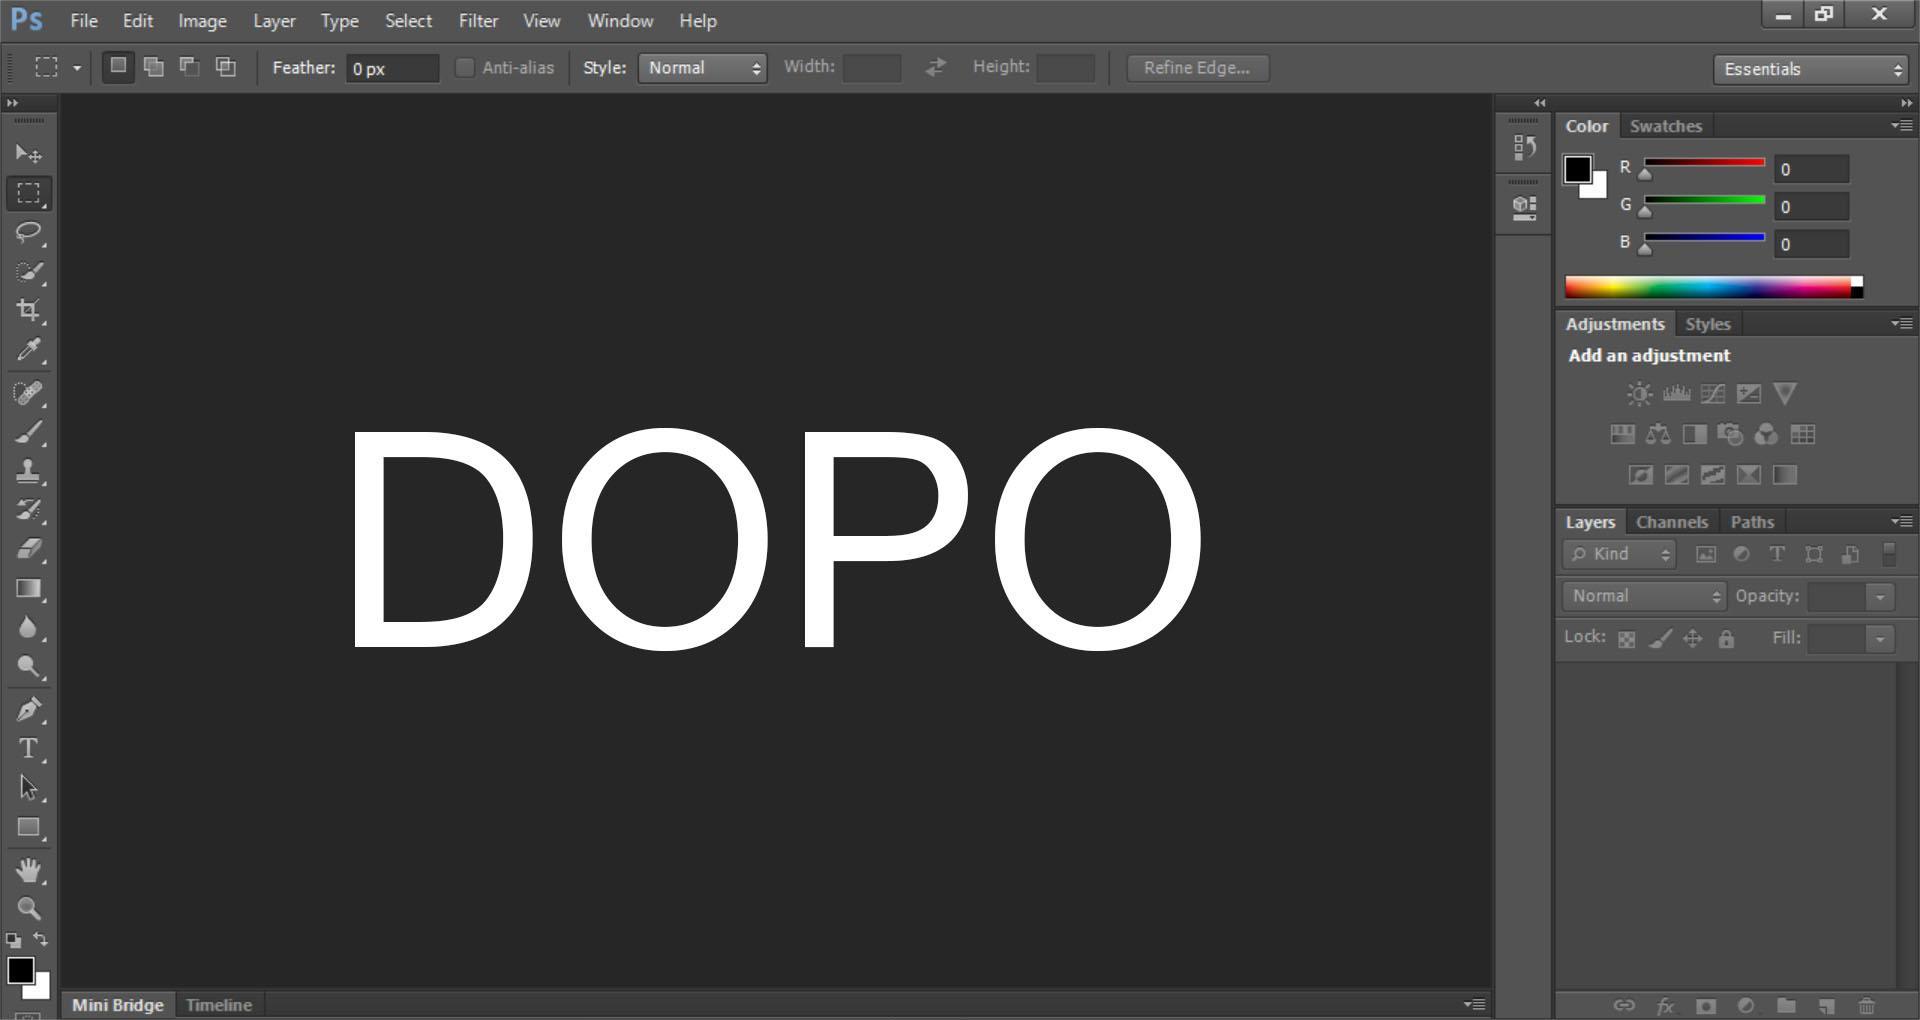 Come ingrandire l'interfaccia troppo piccola di Photoshop